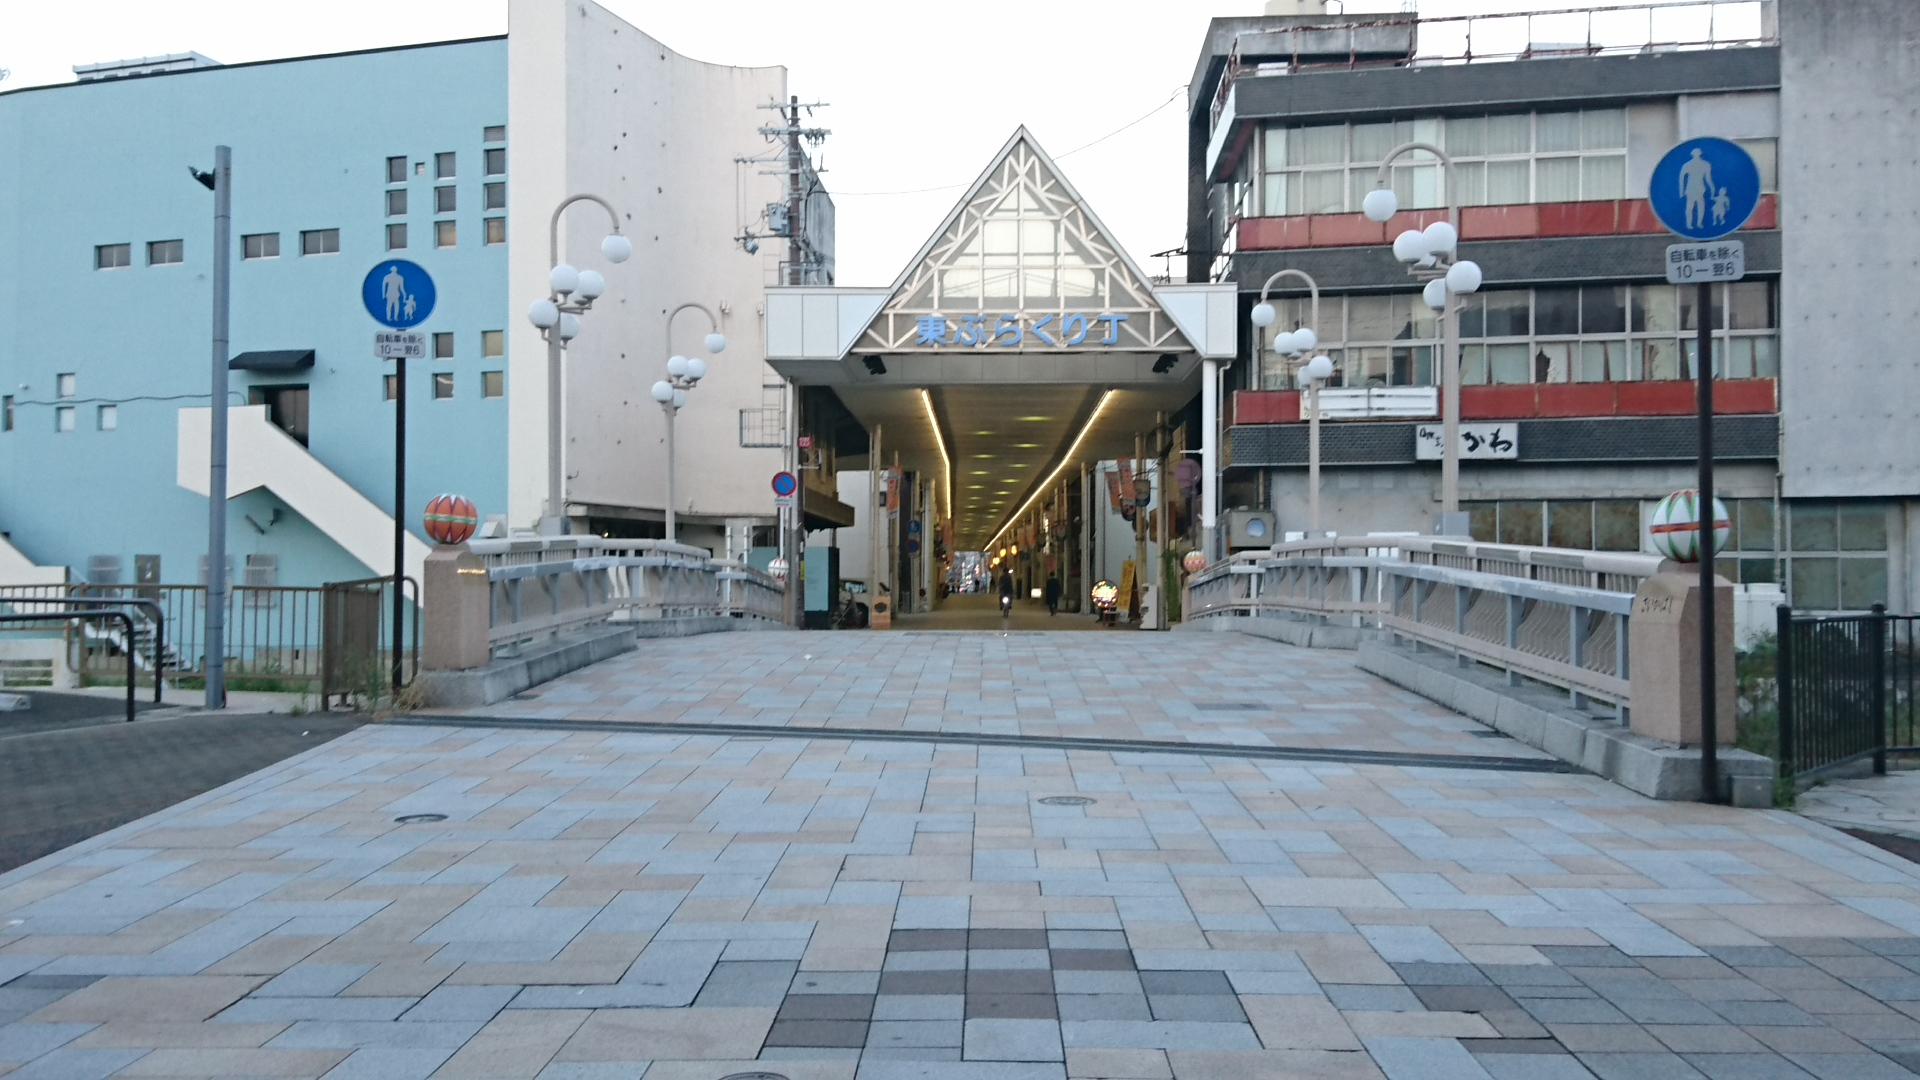 2017.8.17 わかやま (40) 東ぶらくり丁いりぐちと雑賀橋 1920-1080